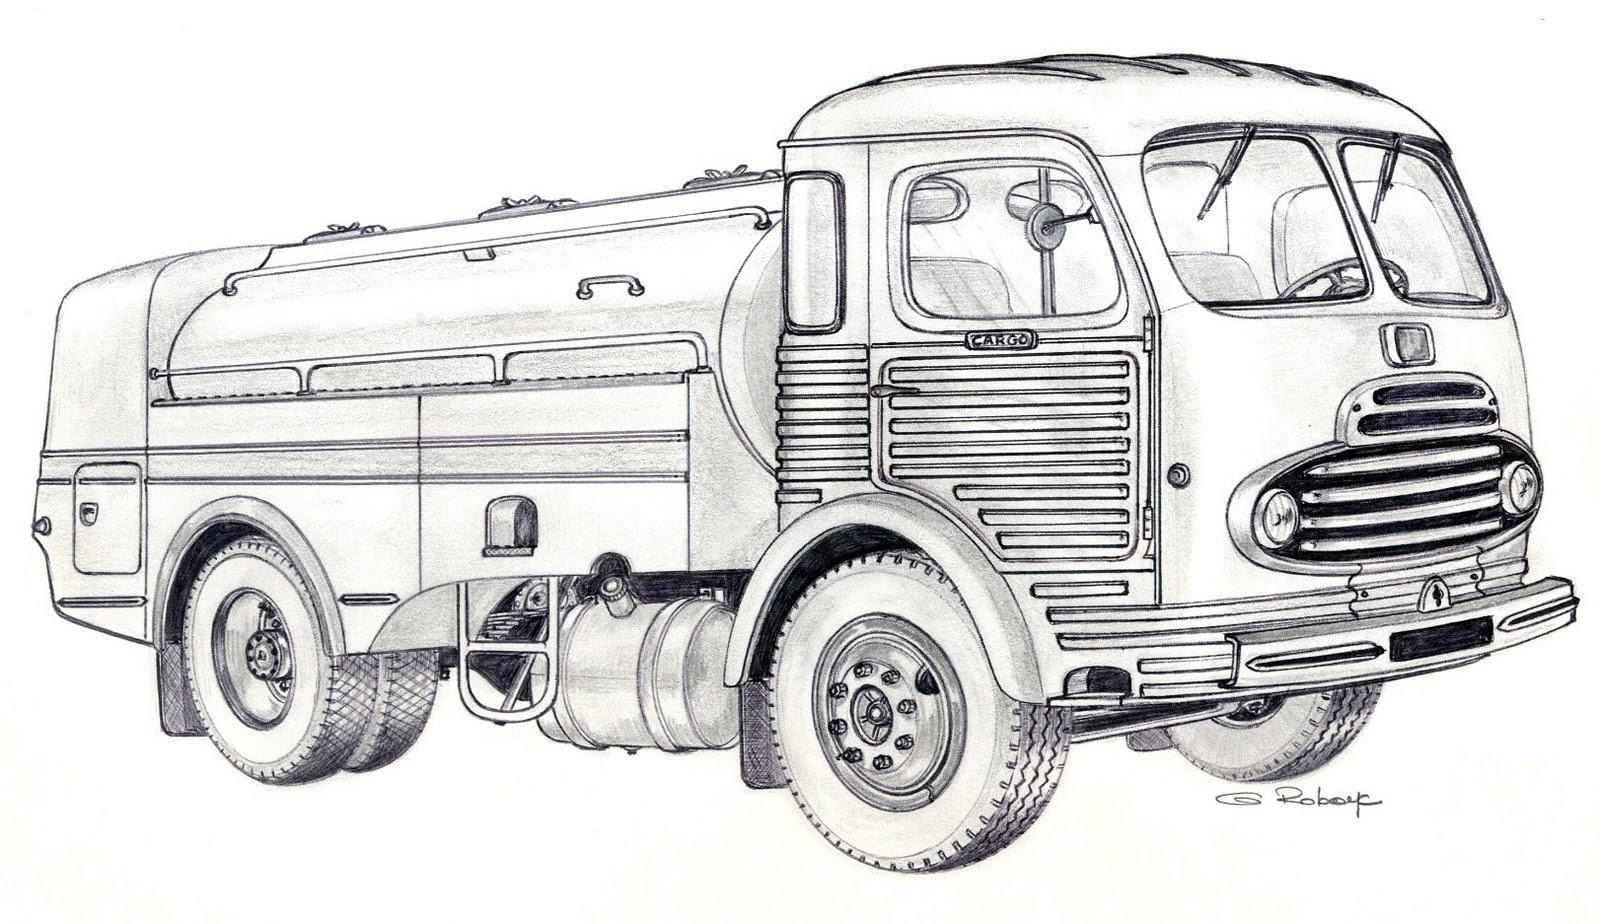 I M Liking Trucks Oct 5